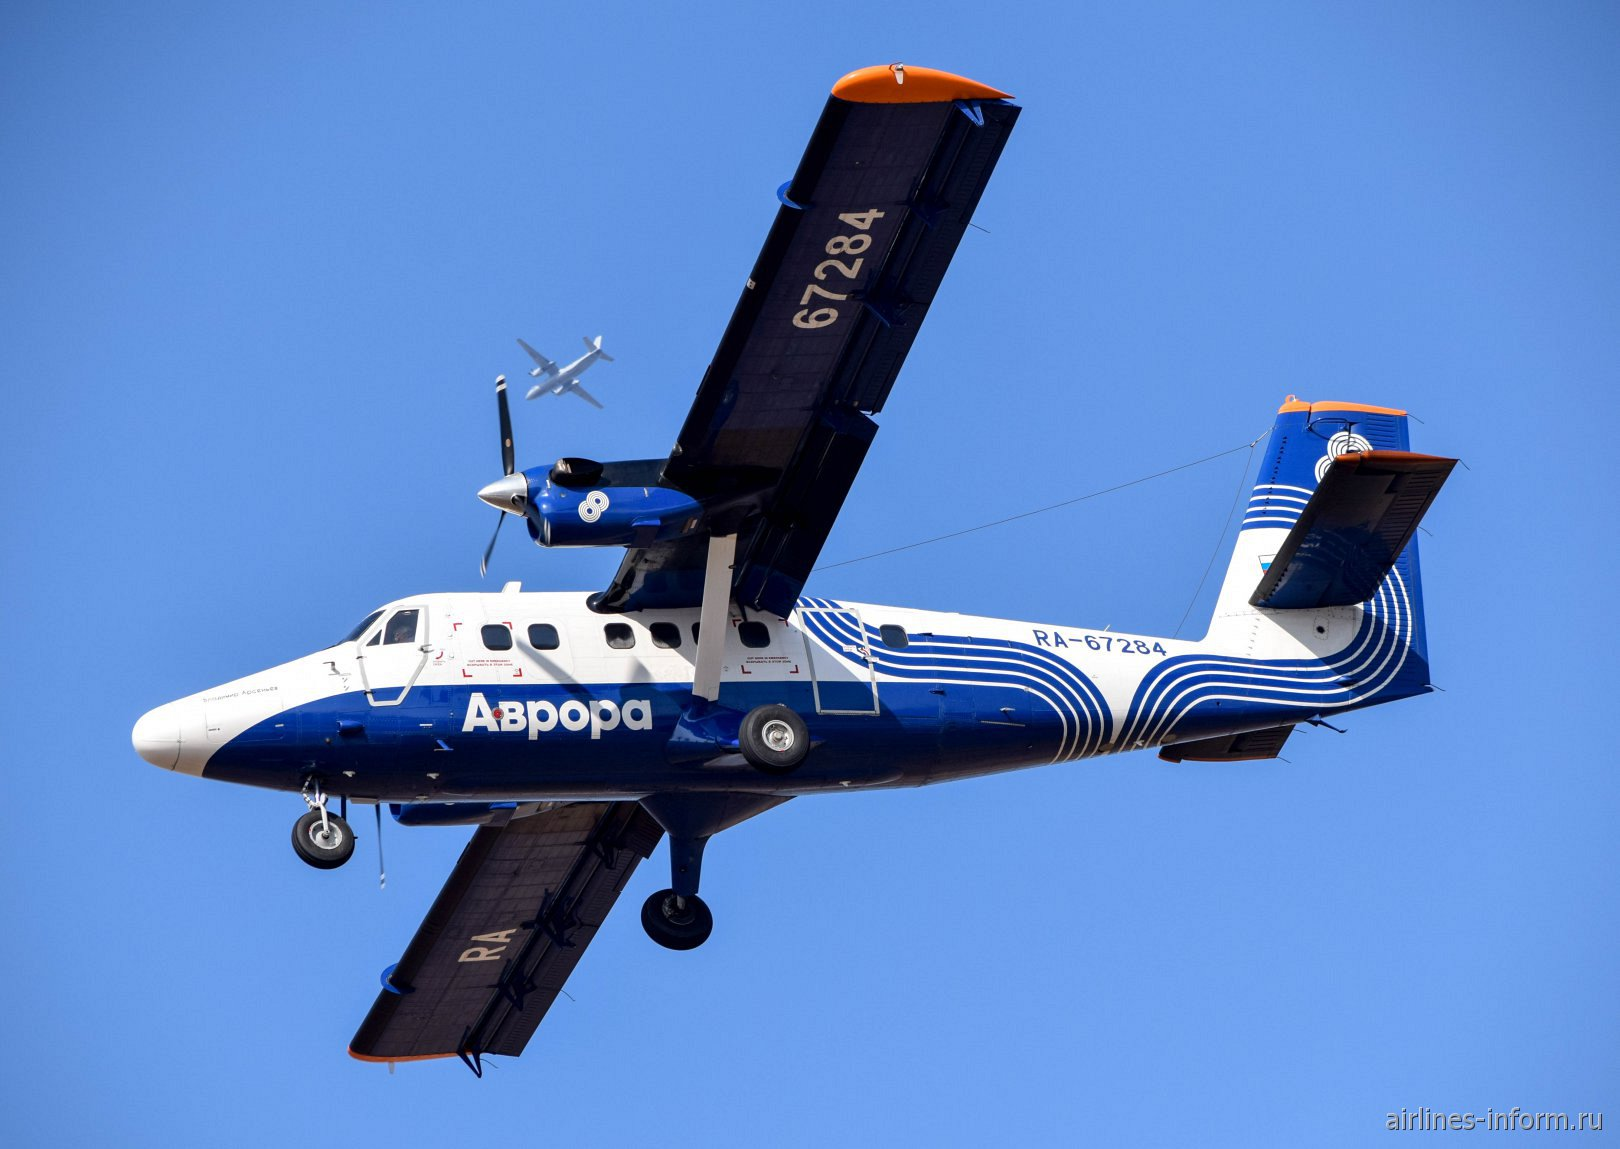 В полете DHC-6 Twin Otter авиакомпании